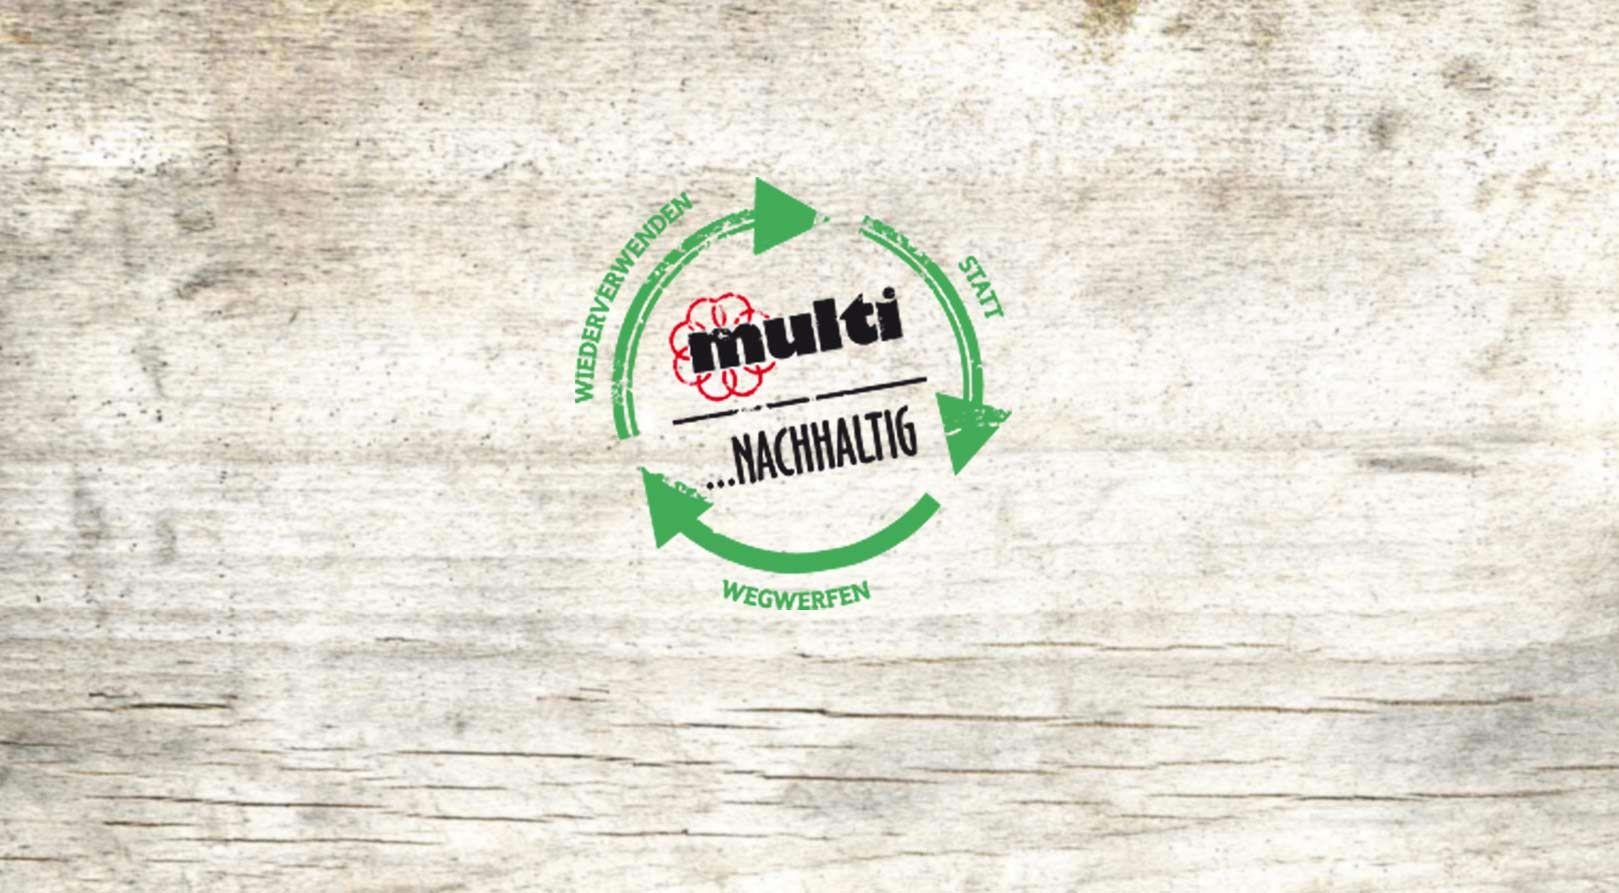 Nachhaltig mit multi - Nachhaltigkeit